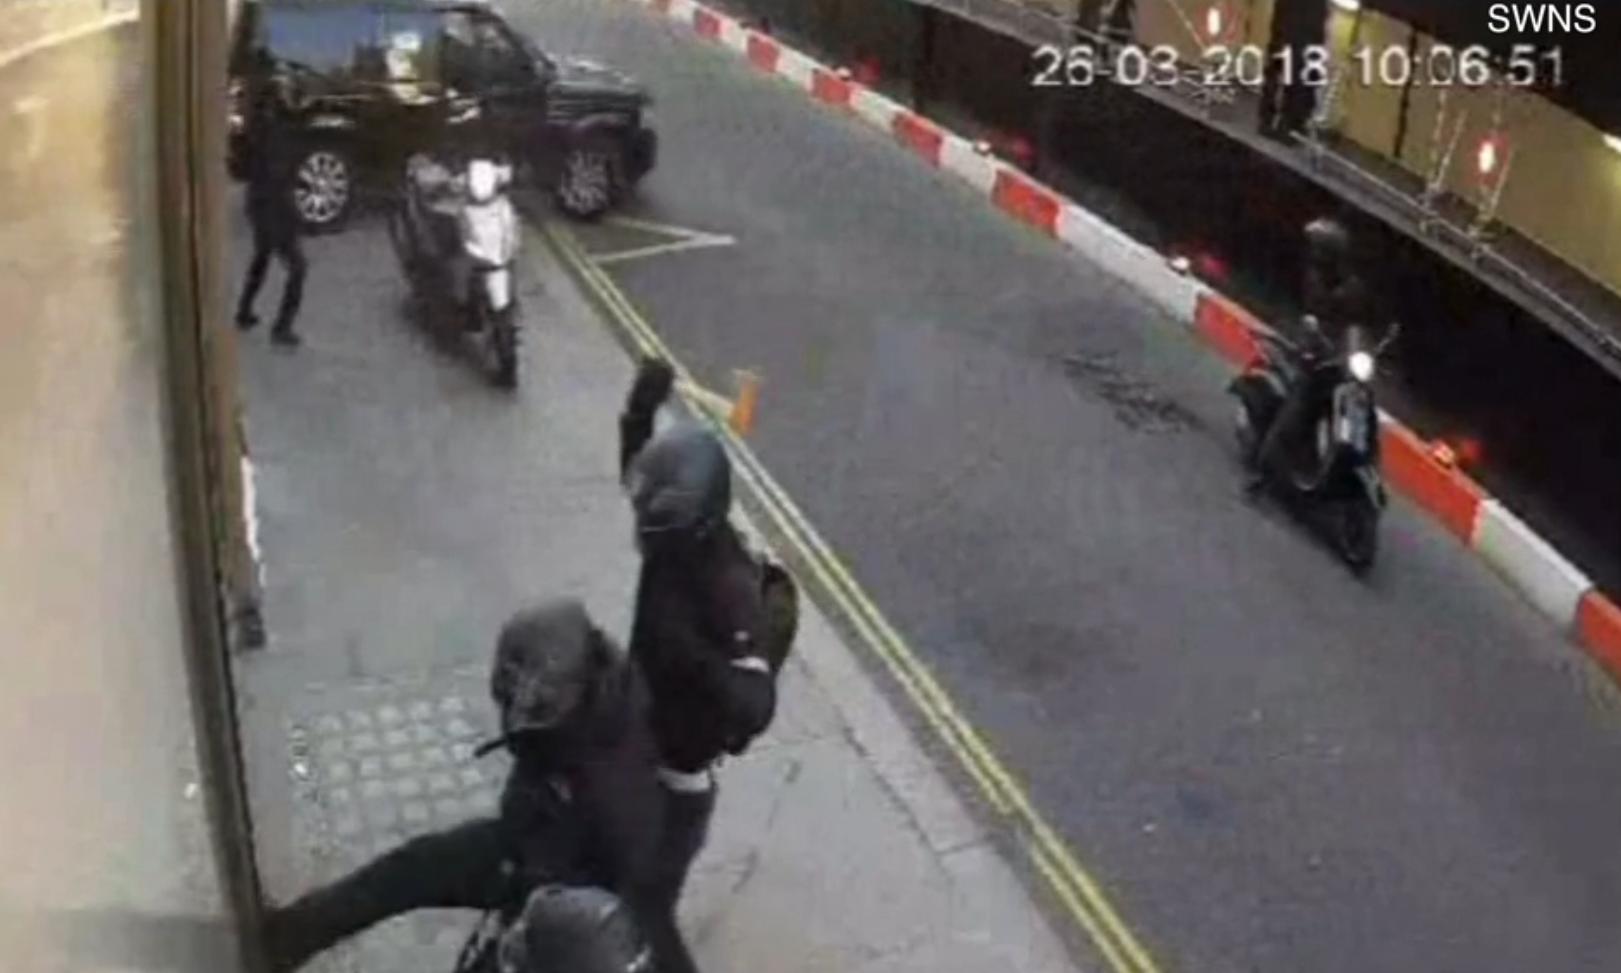 Momentul în care o bandă de hoți a încercat să jefuiască un magazin de bijuterii din Londra. VIDEO